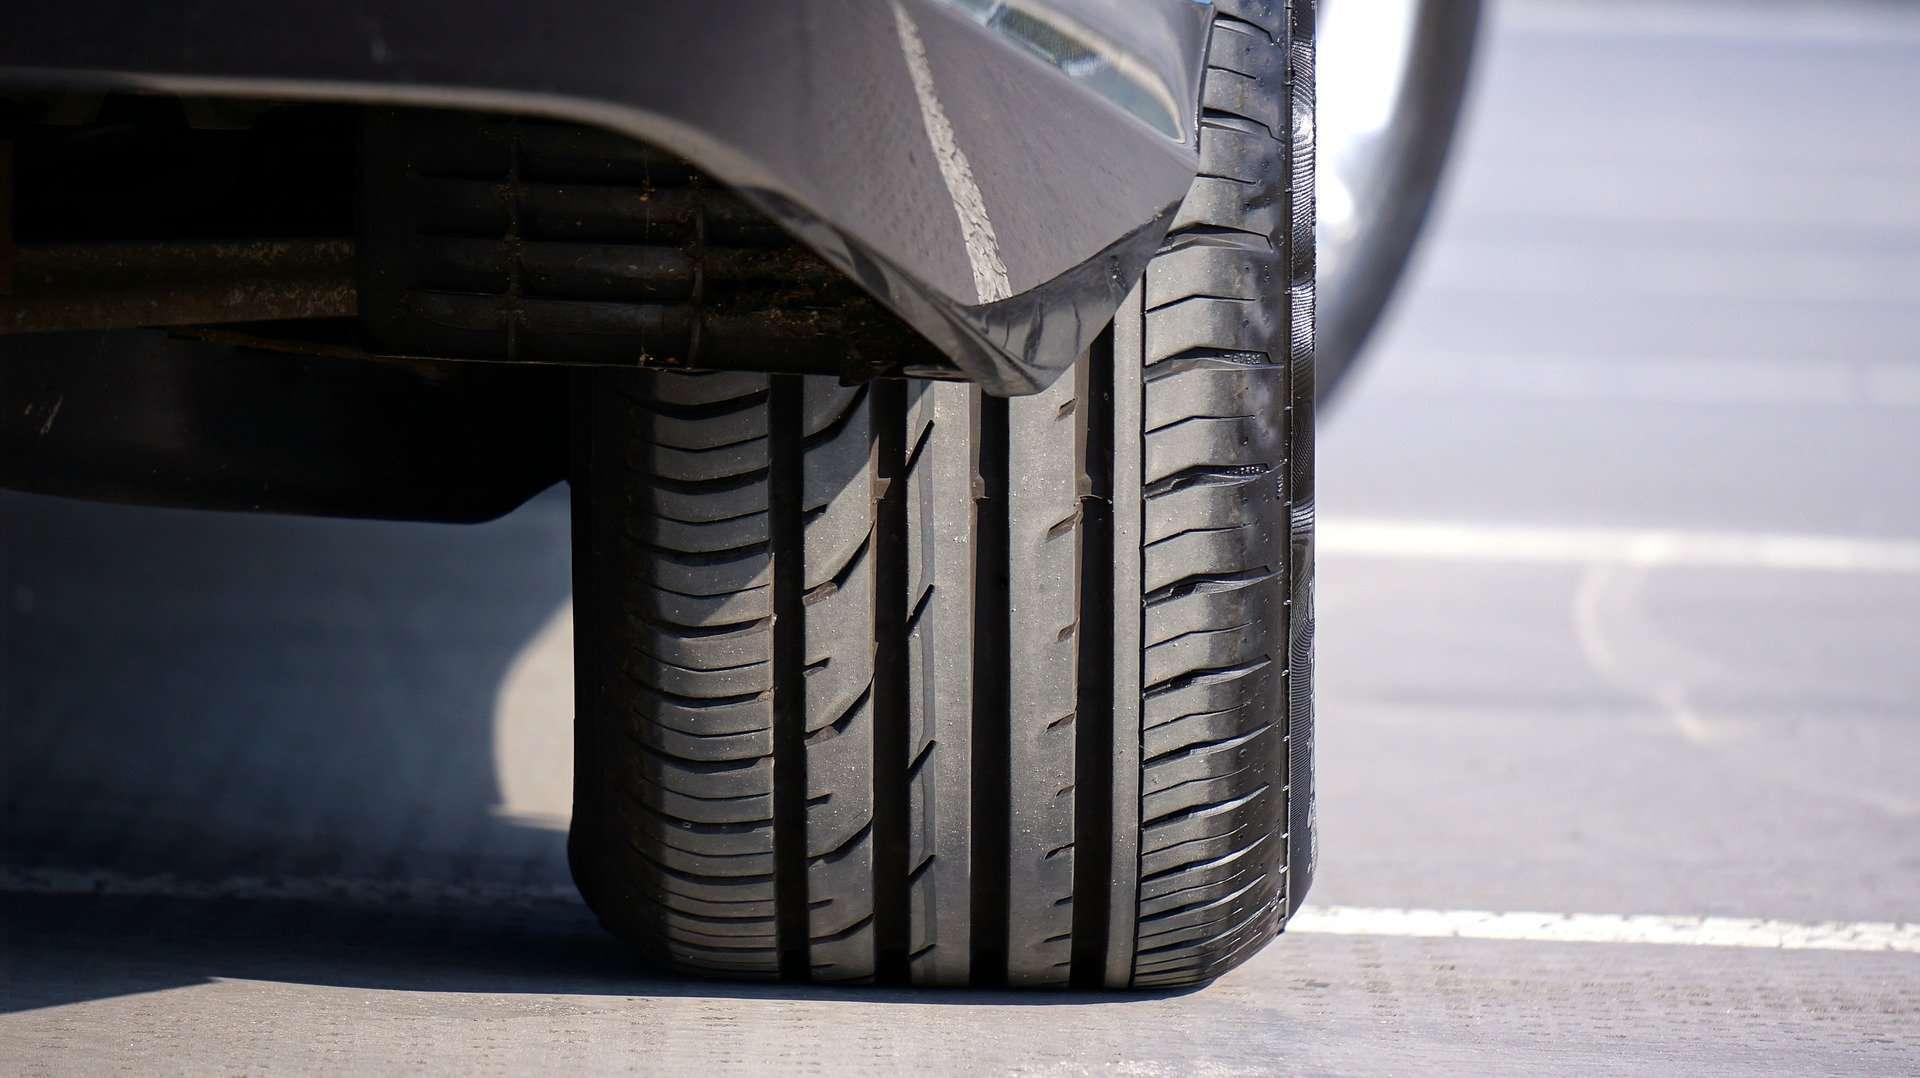 Conoce cuáles son las diferencias básicas entre neumáticos de verano y all season